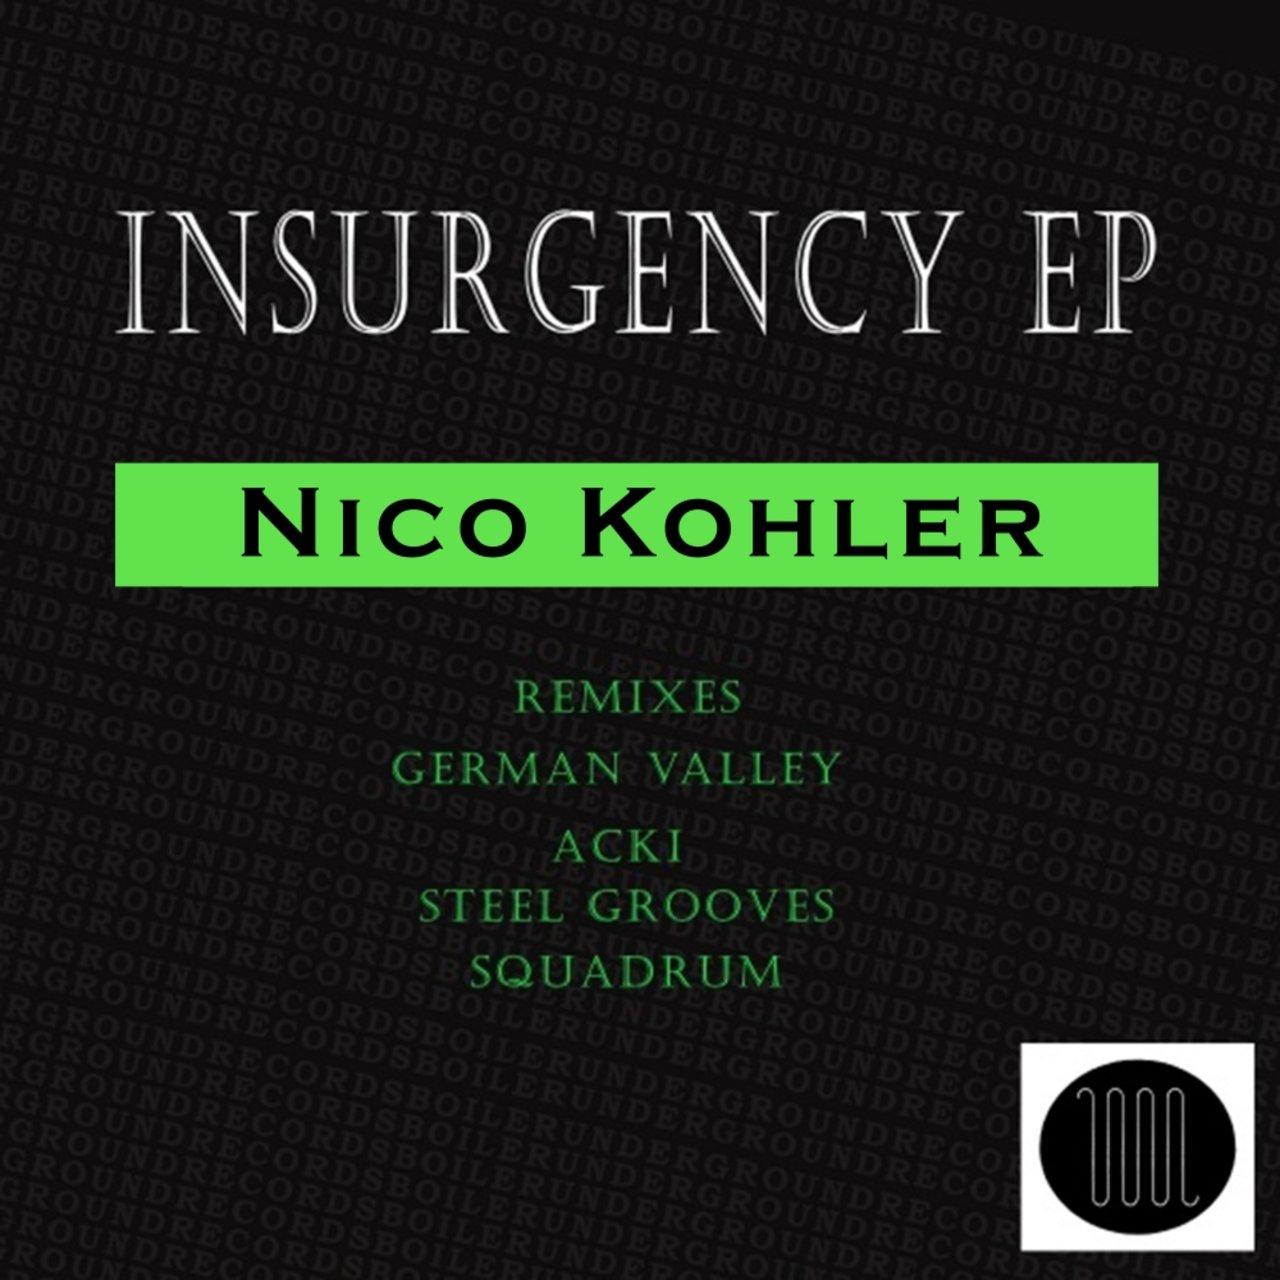 TIDAL: Listen to Nico Kohler on TIDAL